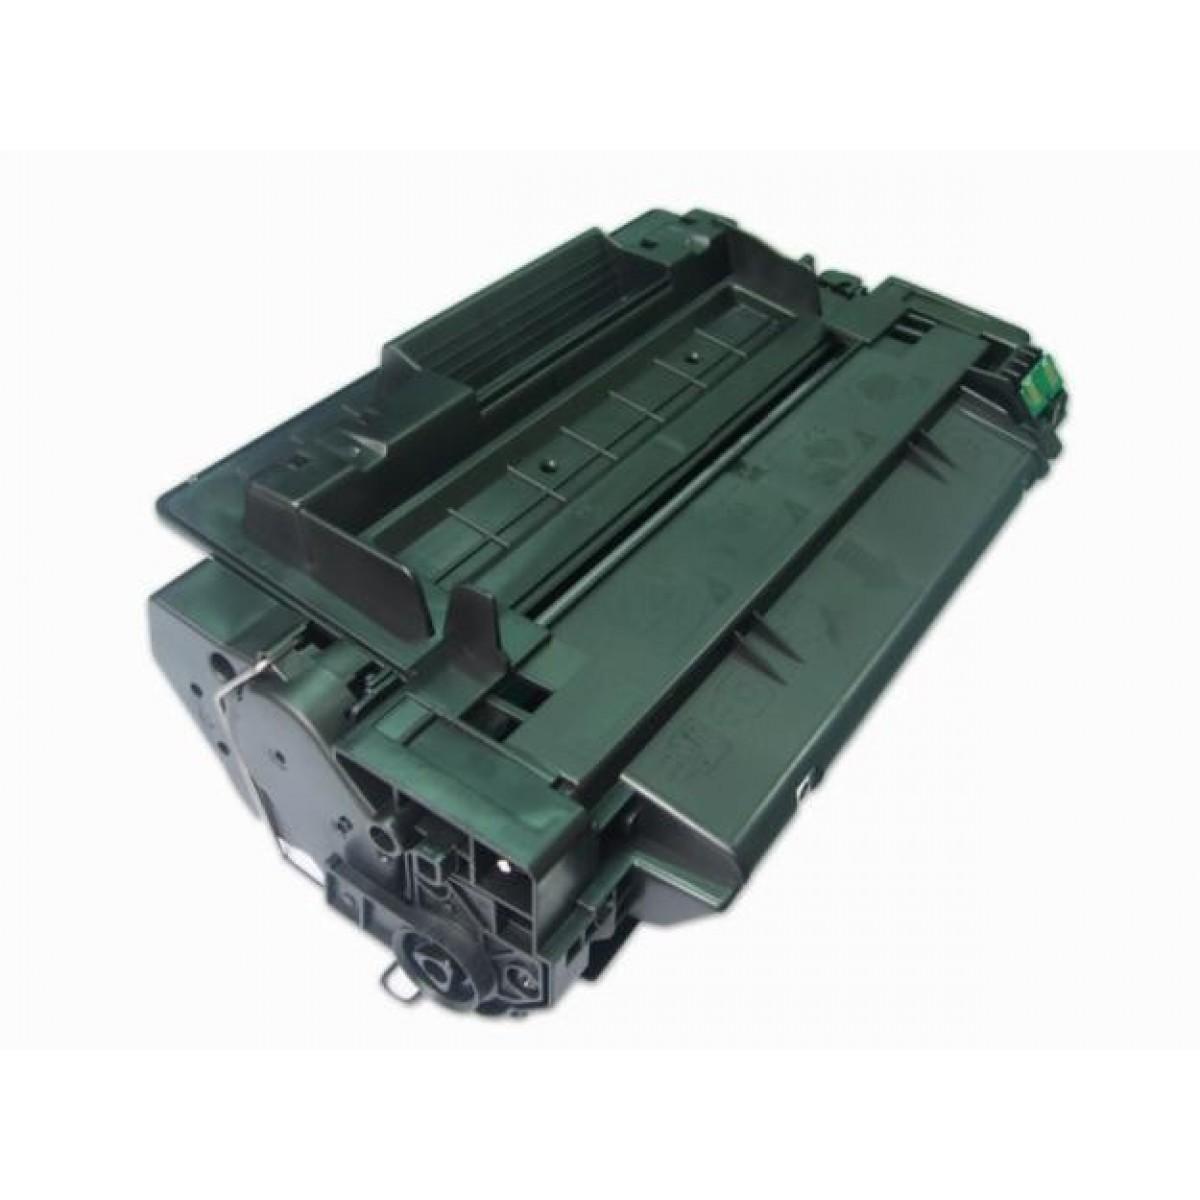 Toner HP CE255A CE255AB  CE-255A, CE-255AB CE255 CE-255 255A, 55A COMPATÍVEL  | P-3015, P-3015N, P-3015DN, P-3015X, P-3016, Enterprise 500 M-525F M525 M-525.